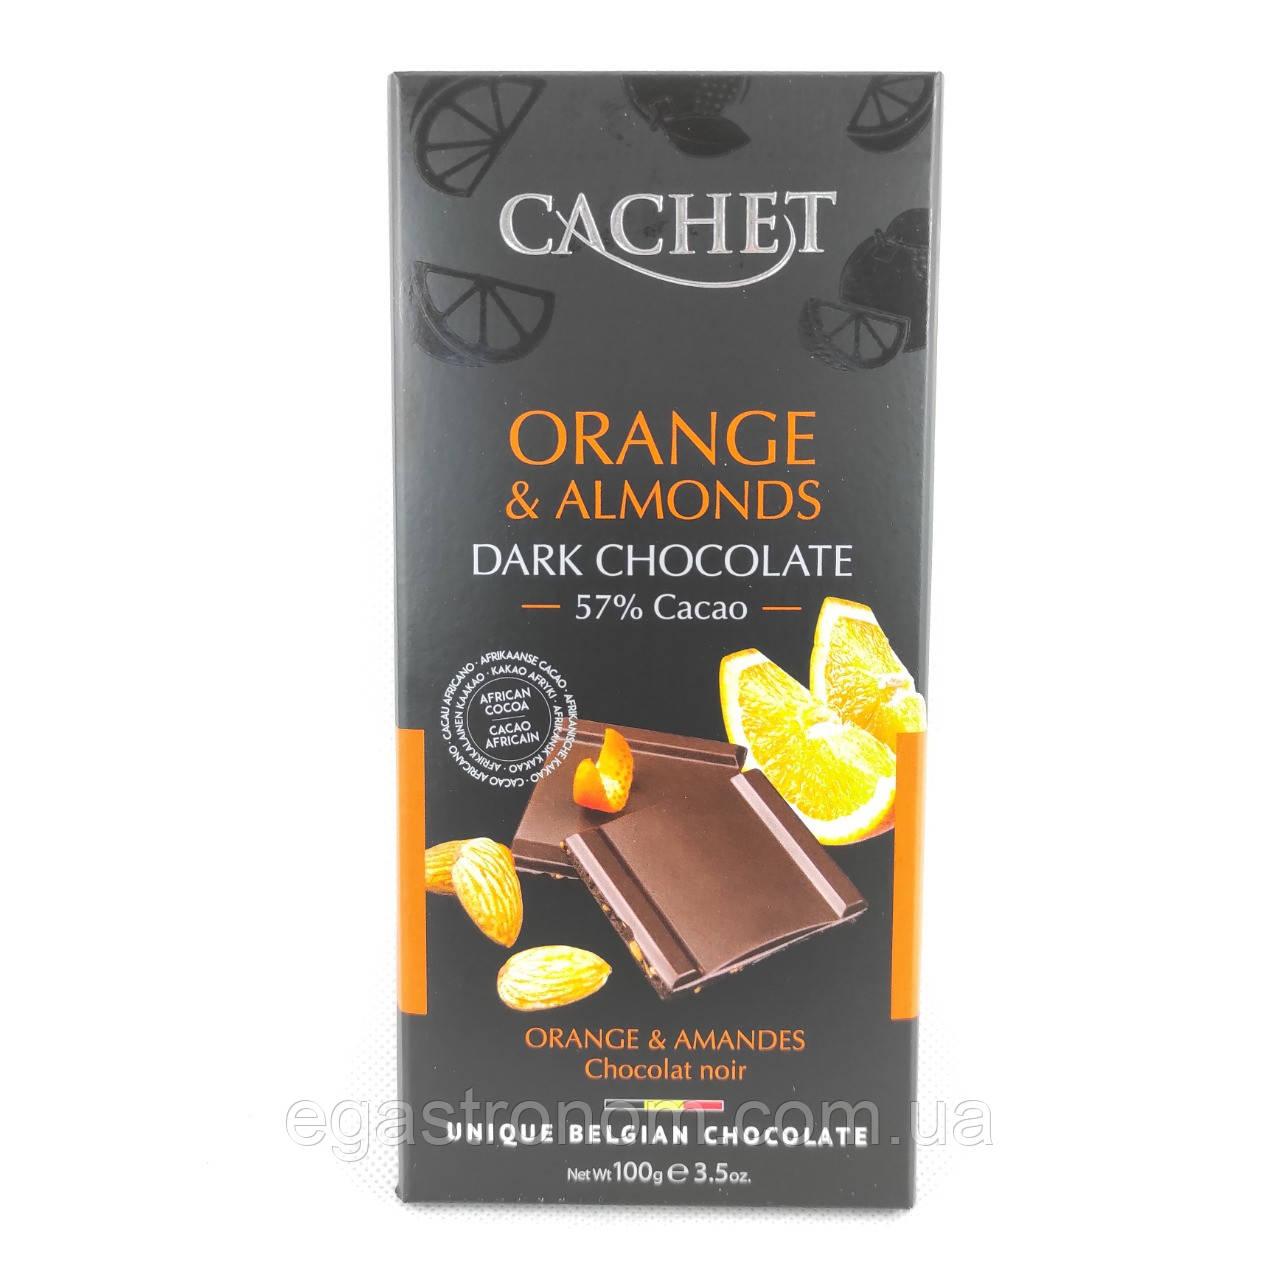 Шоколад Кашет чорний шоколад з апельсином та мигдалем Cashet Orange&Almonds 100g 12шт/ящ (Код : 00-00004550)